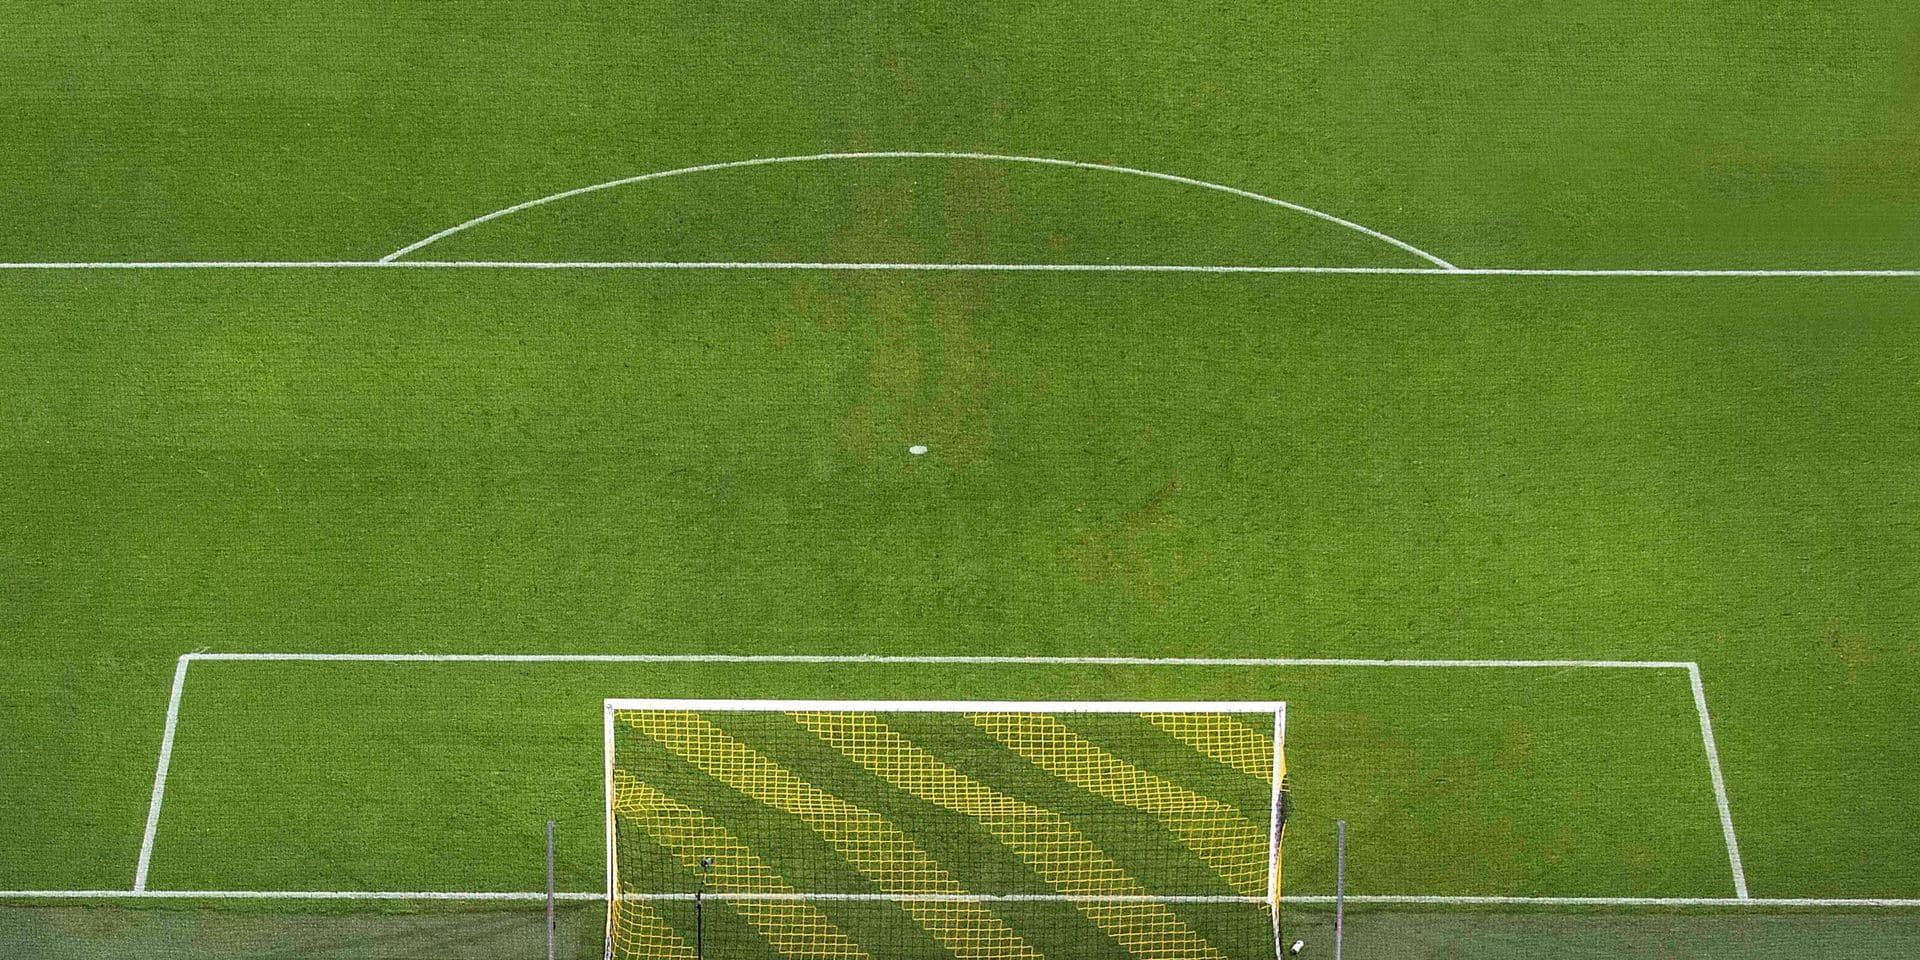 Coronavirus: la Fifpro met en garde contre la diminution de salaire demandée aux joueurs de football